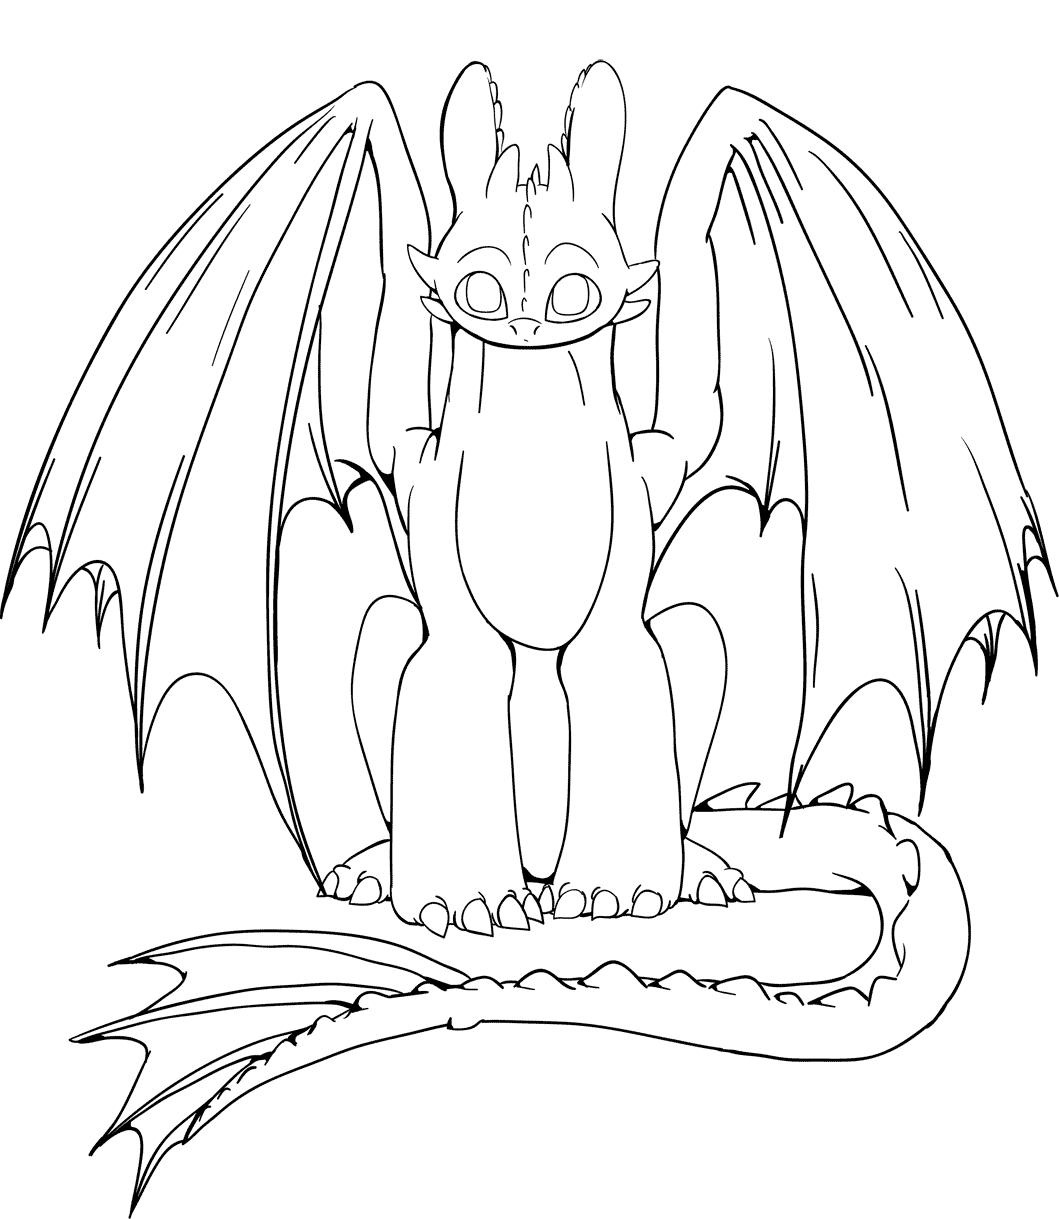 приручить дракона картинки раскраски можно